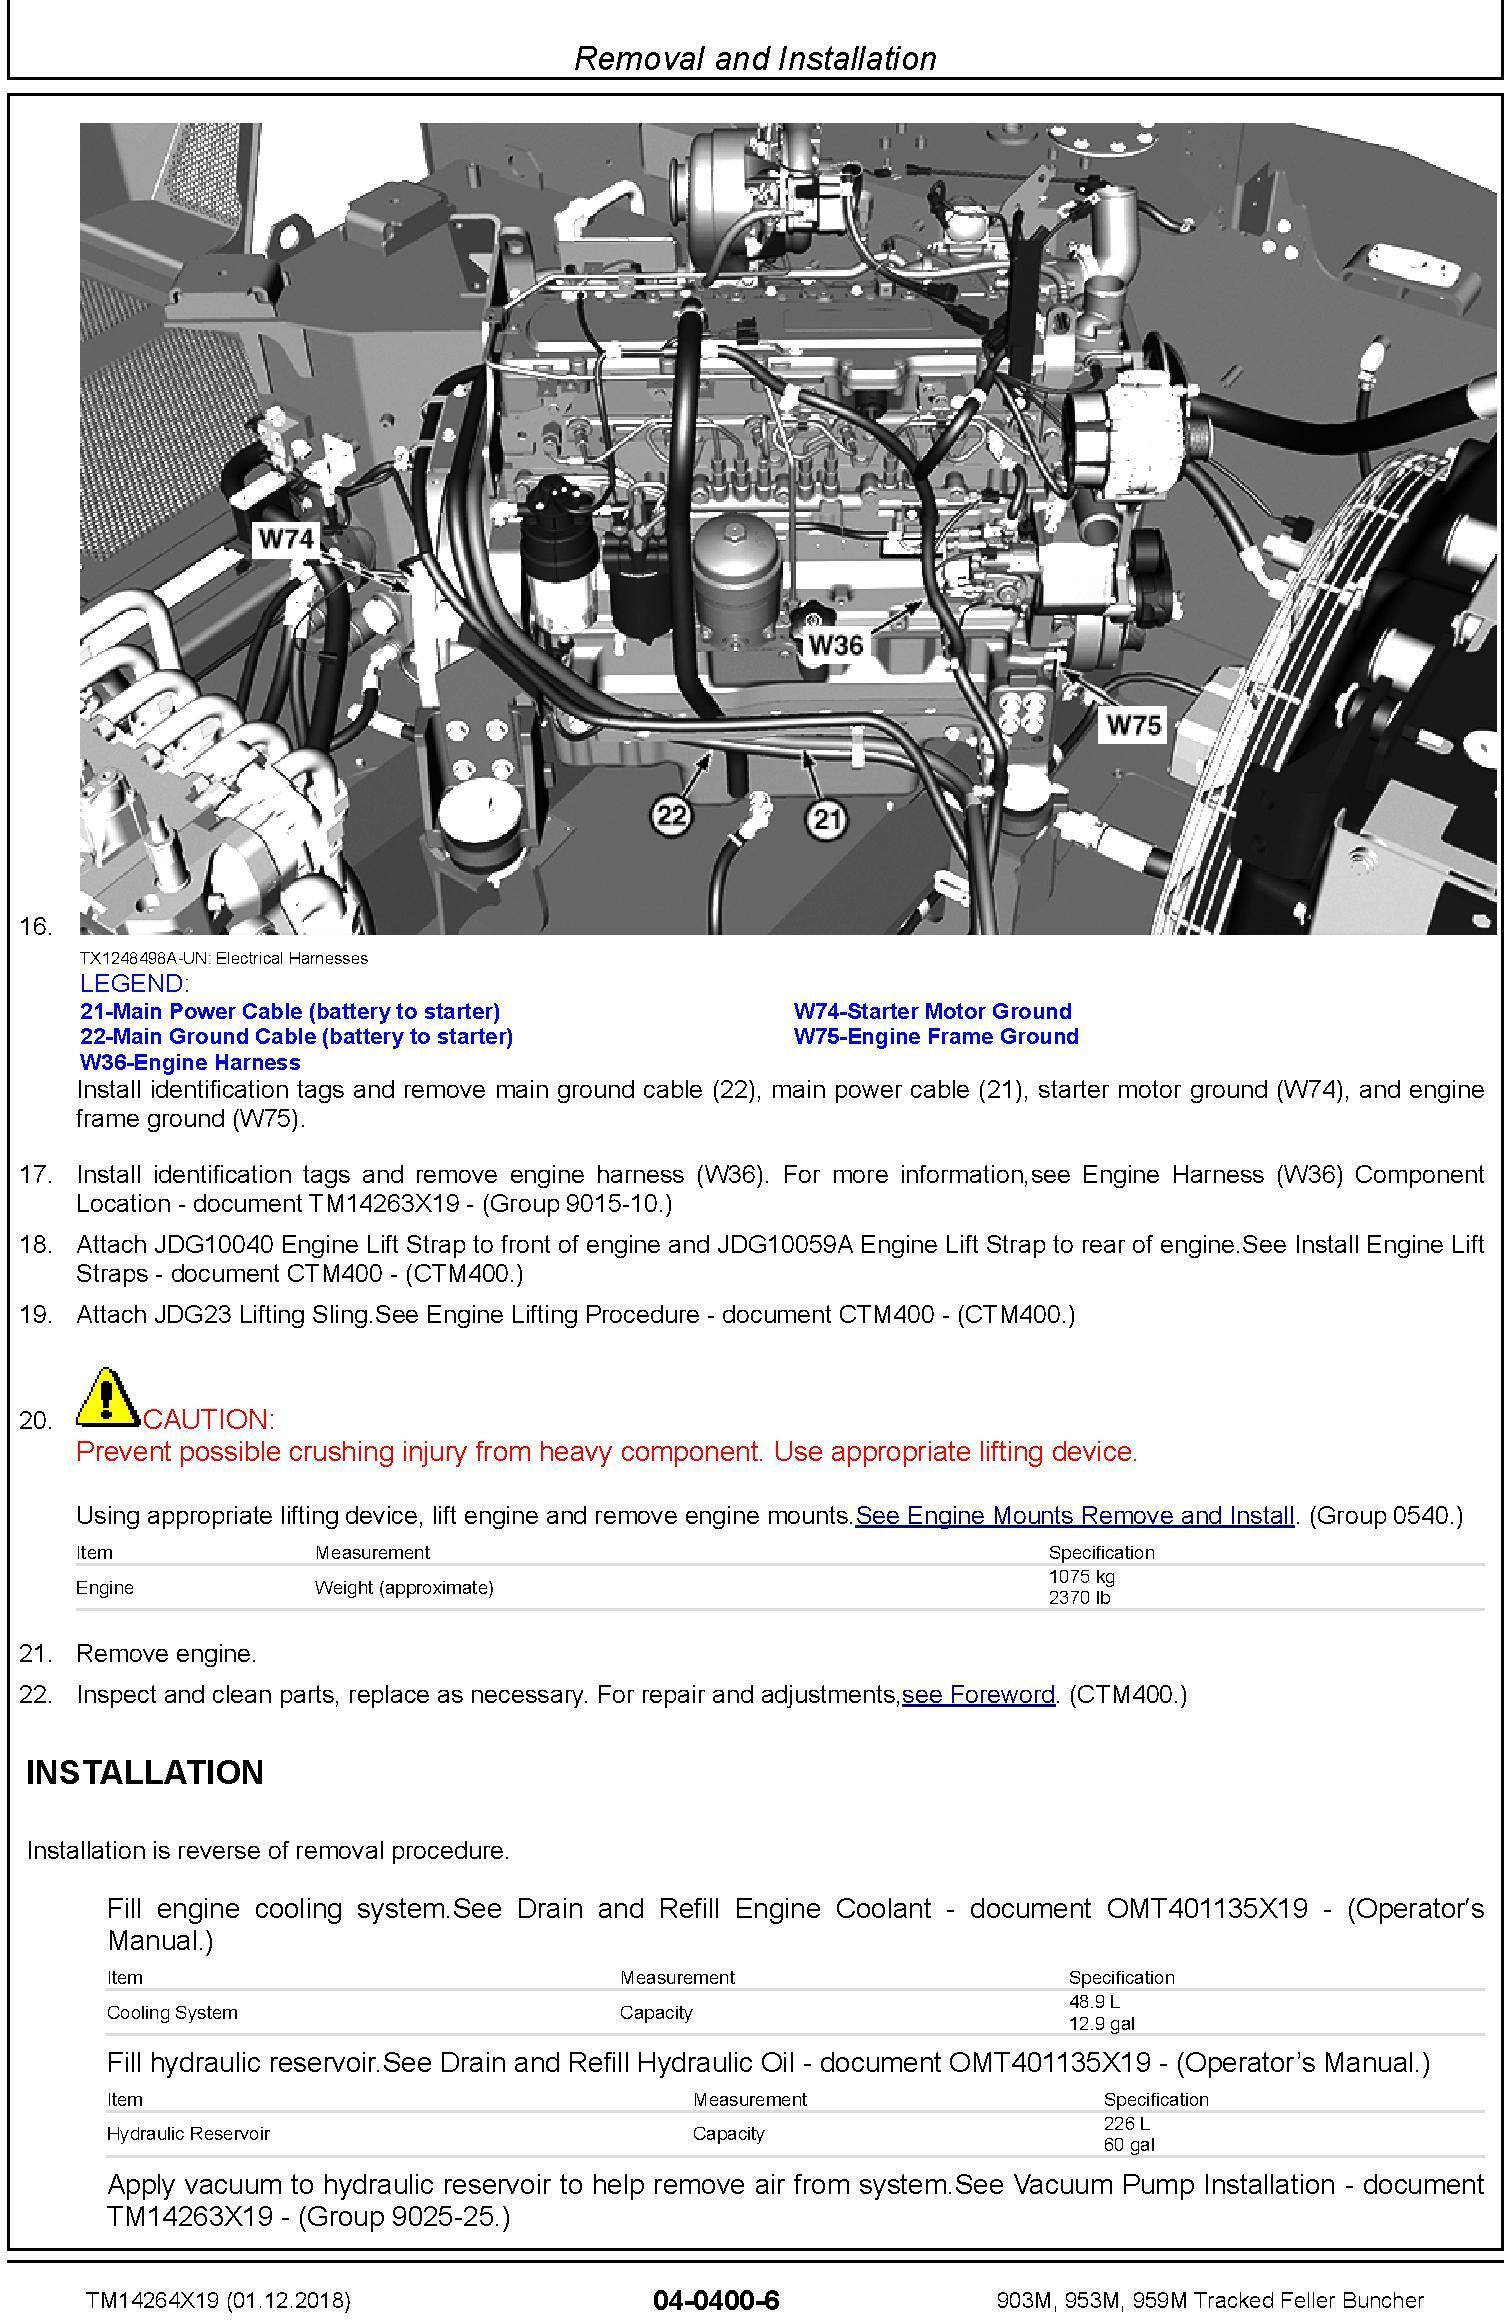 John Deere 903M, 953M, 959M (SN.C317982-,D317982-) Tracked Feller Buncher Repair Manual (TM14264X19) - 3